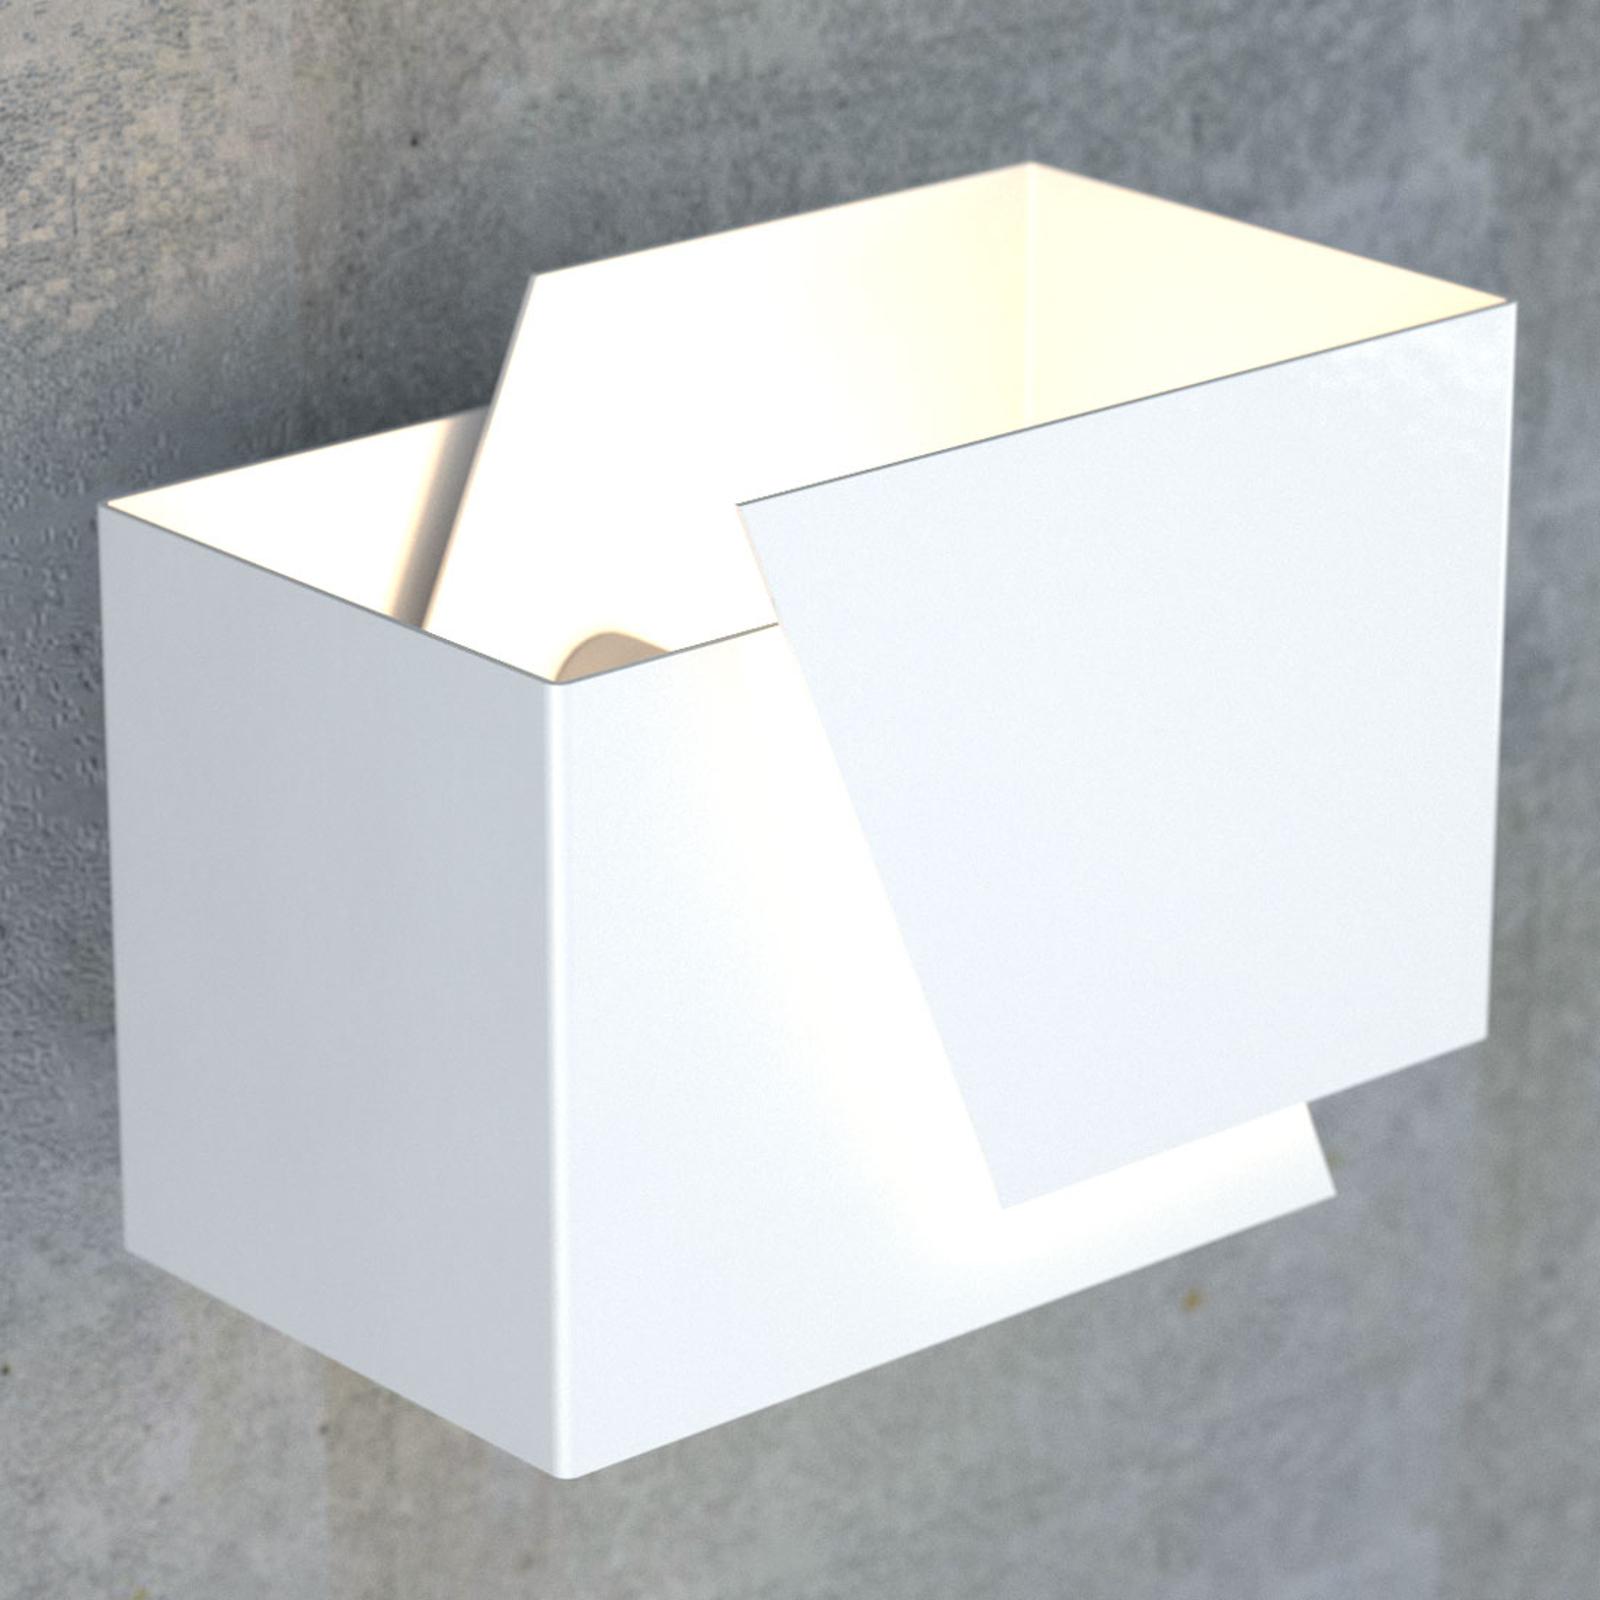 Wandlamp Frost in hoekige vorm, wit